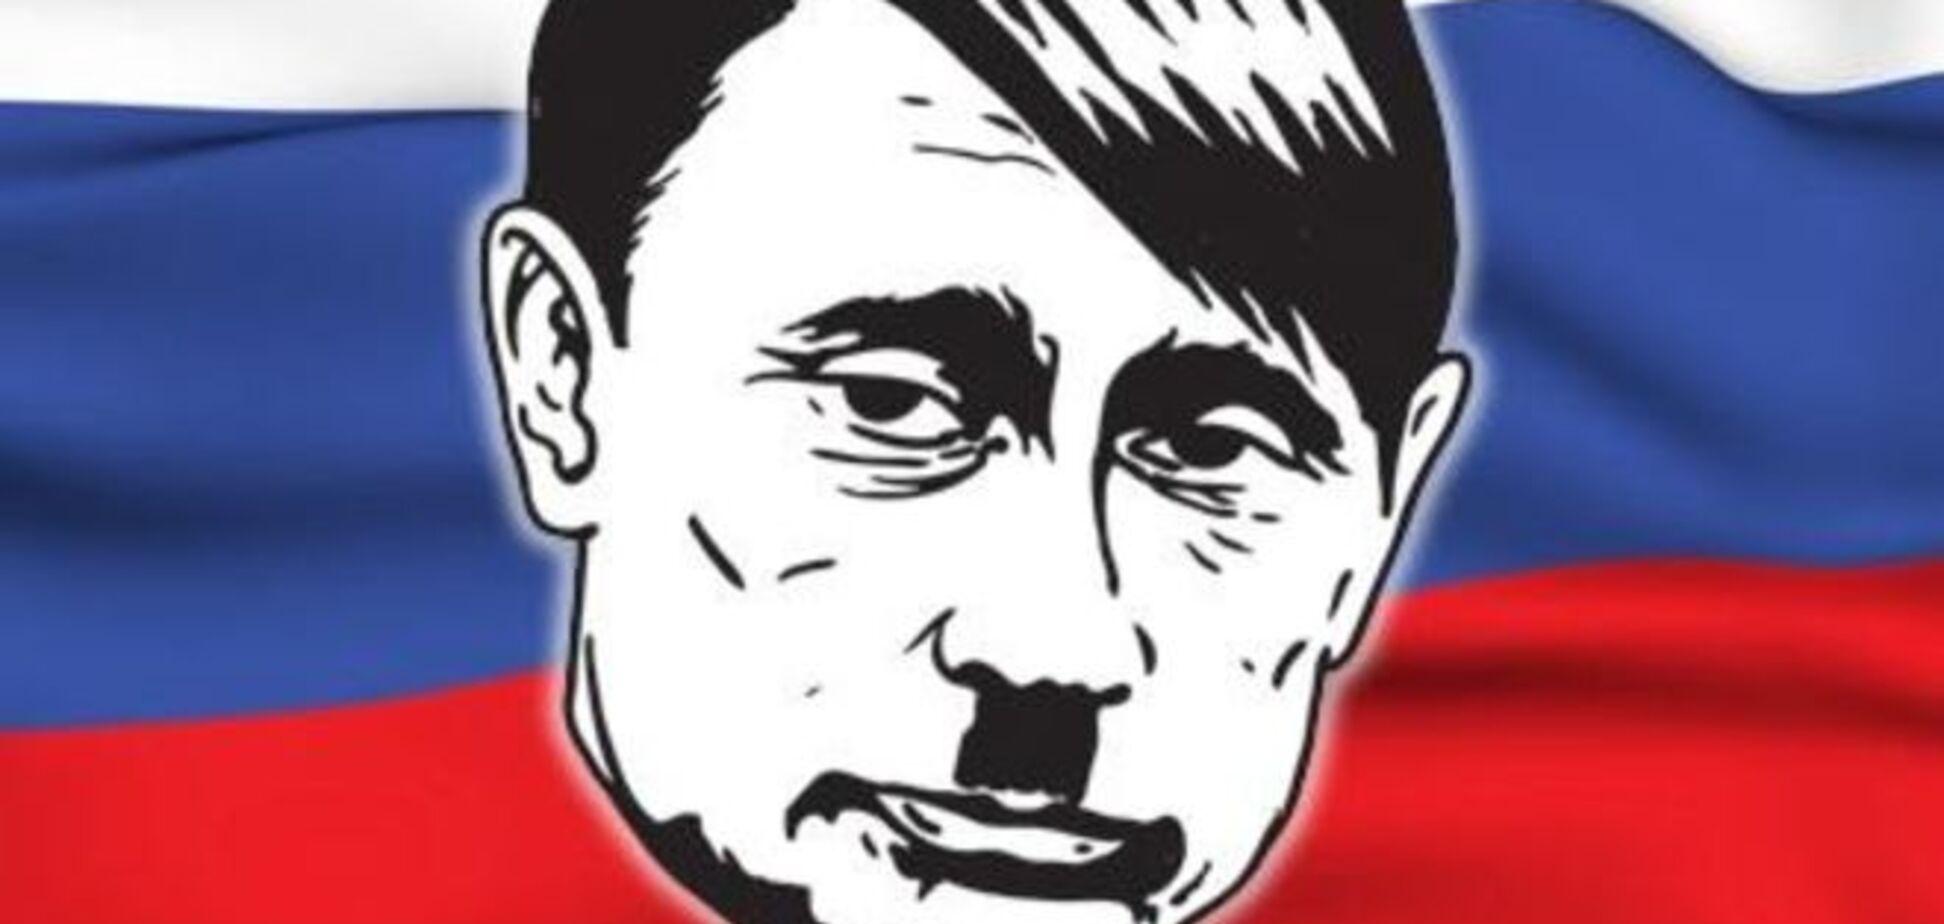 Путин и его приспешники ведут себя, как нацисты